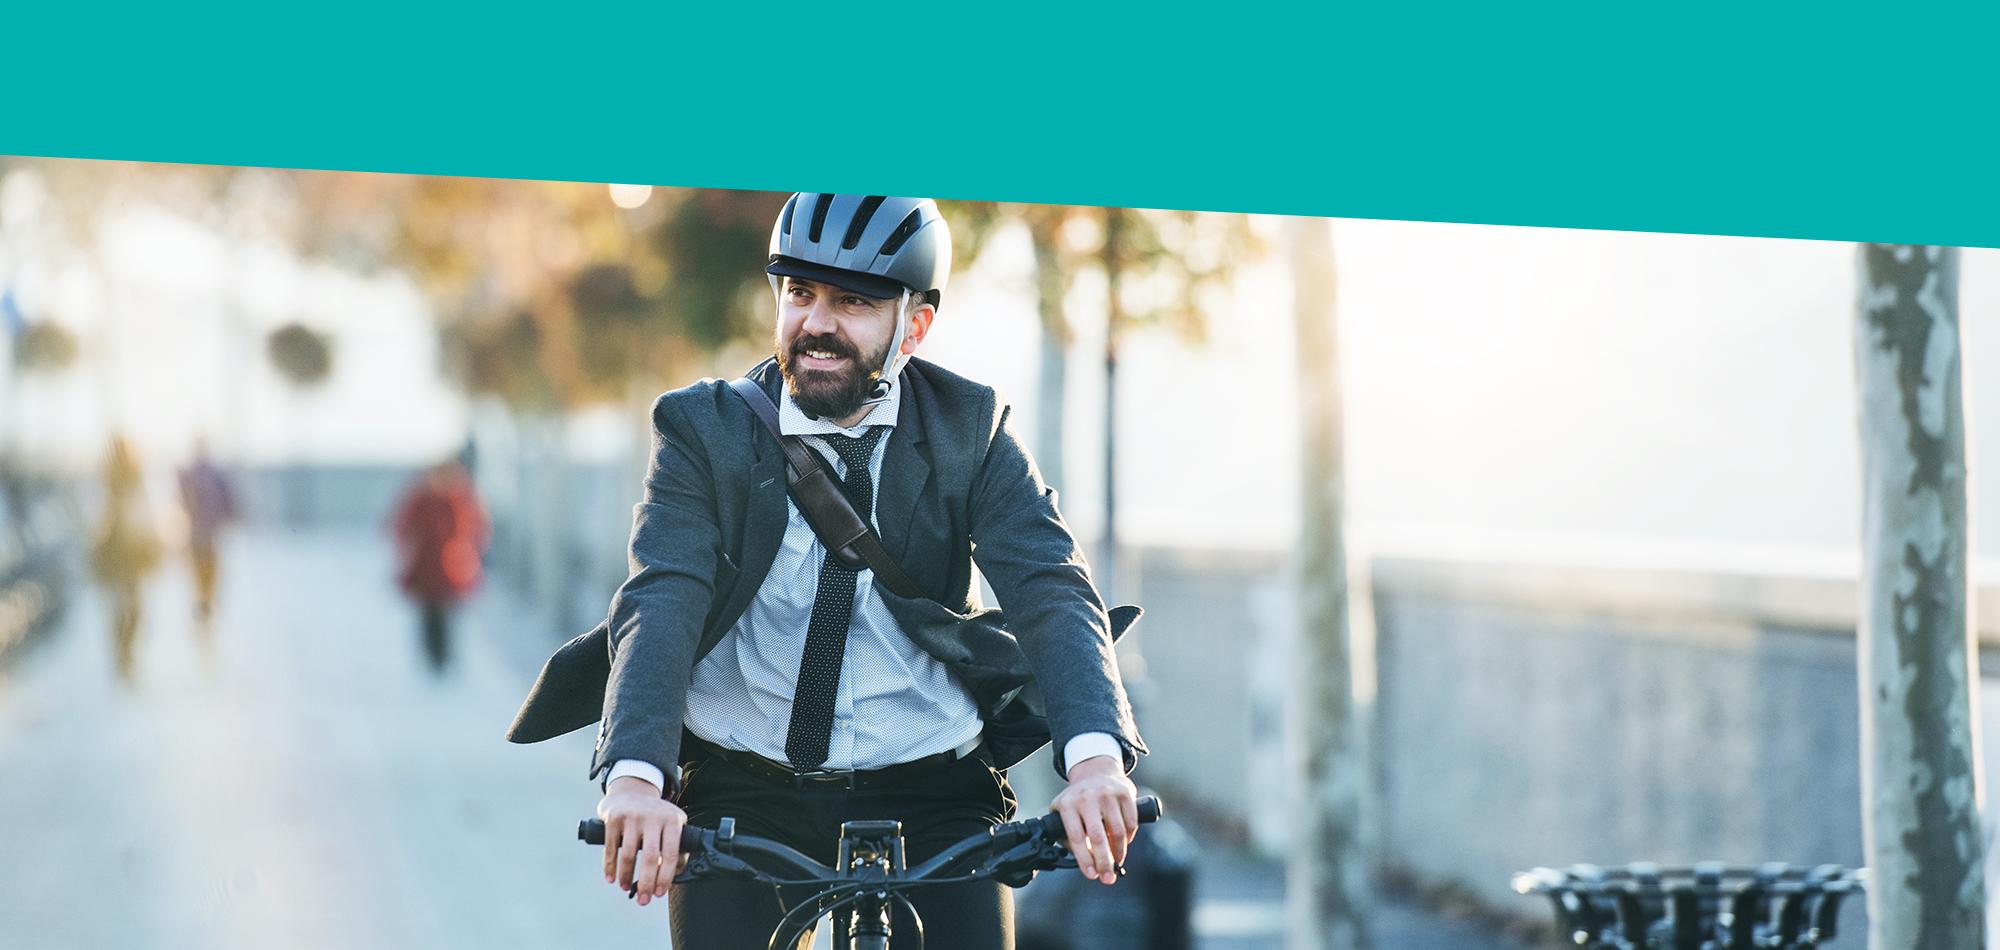 Better Mobility - nach Bedarf flexibel Mobilitätsform wählen und ans Ziel kommen